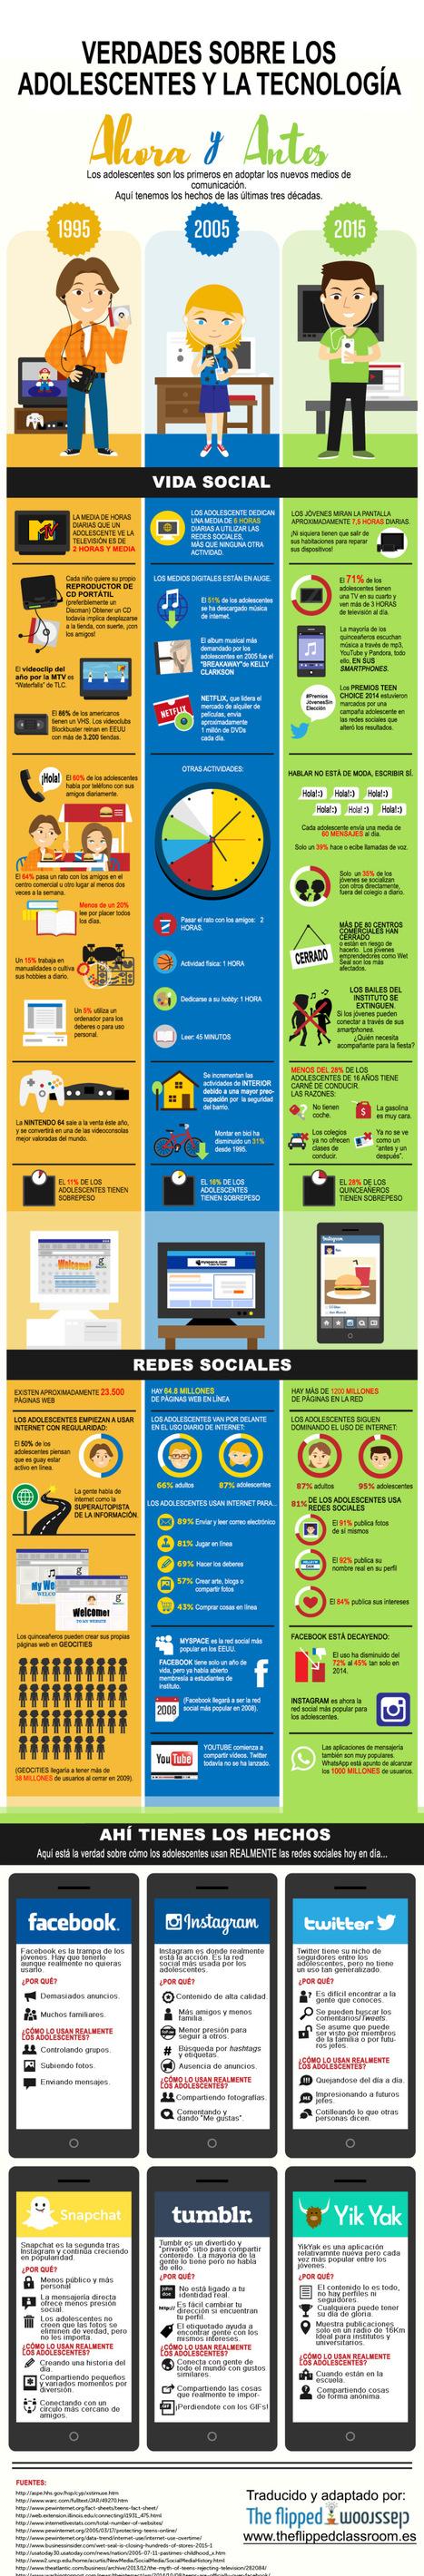 Adolescentes y tecnología #infografia #infographic | Aprendiendoaenseñar | Scoop.it